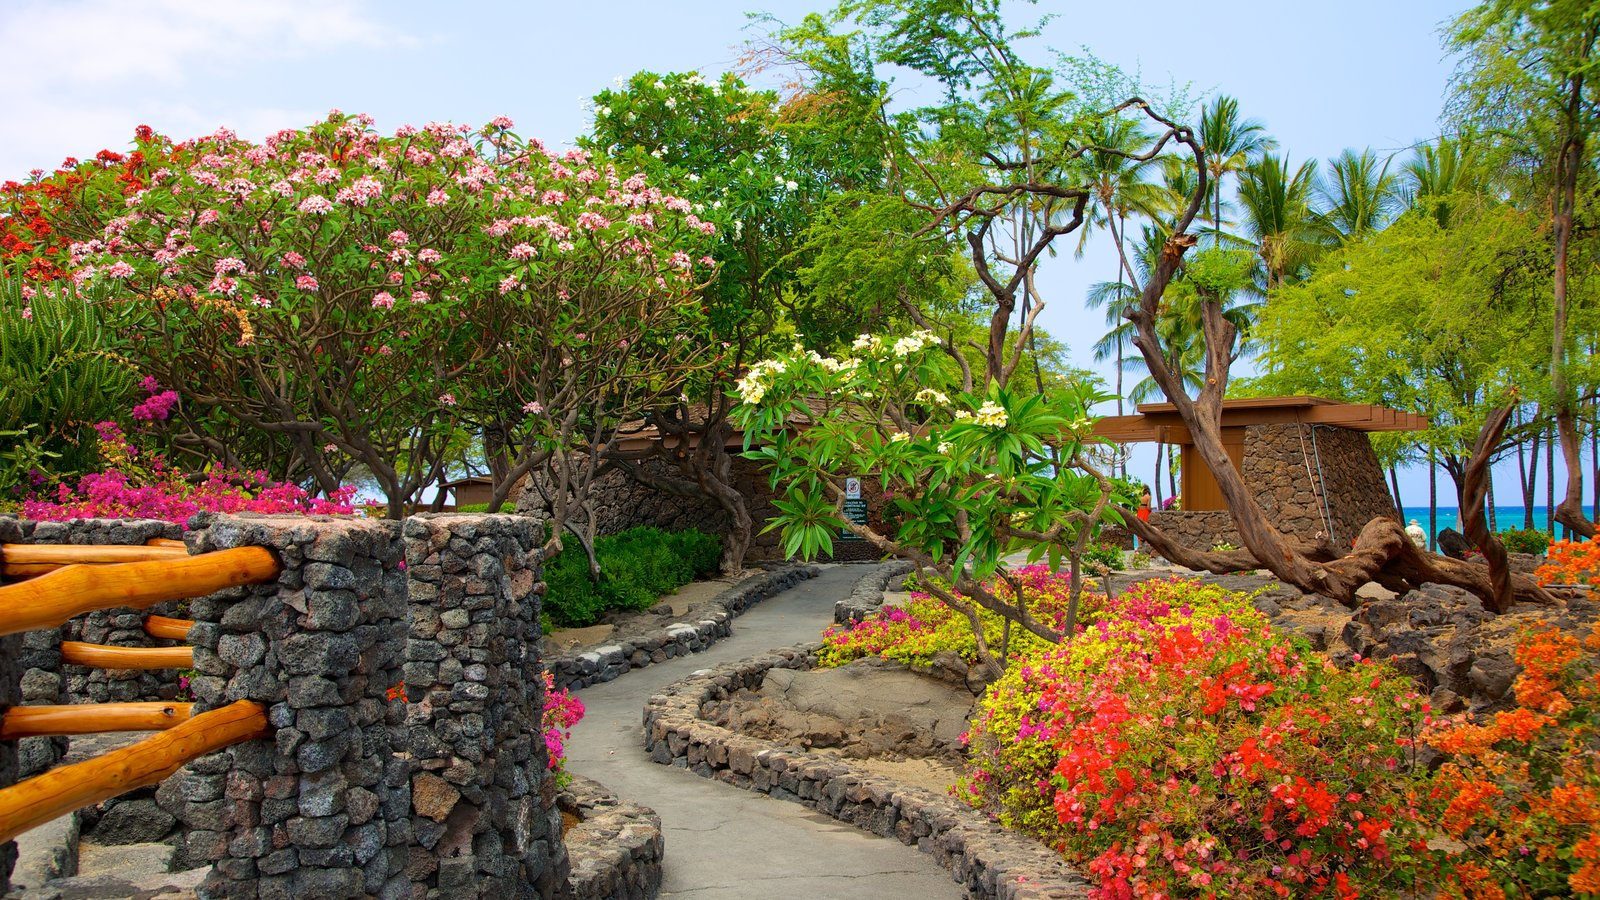 Havaí que inclui cenas tropicais, flores e um parque